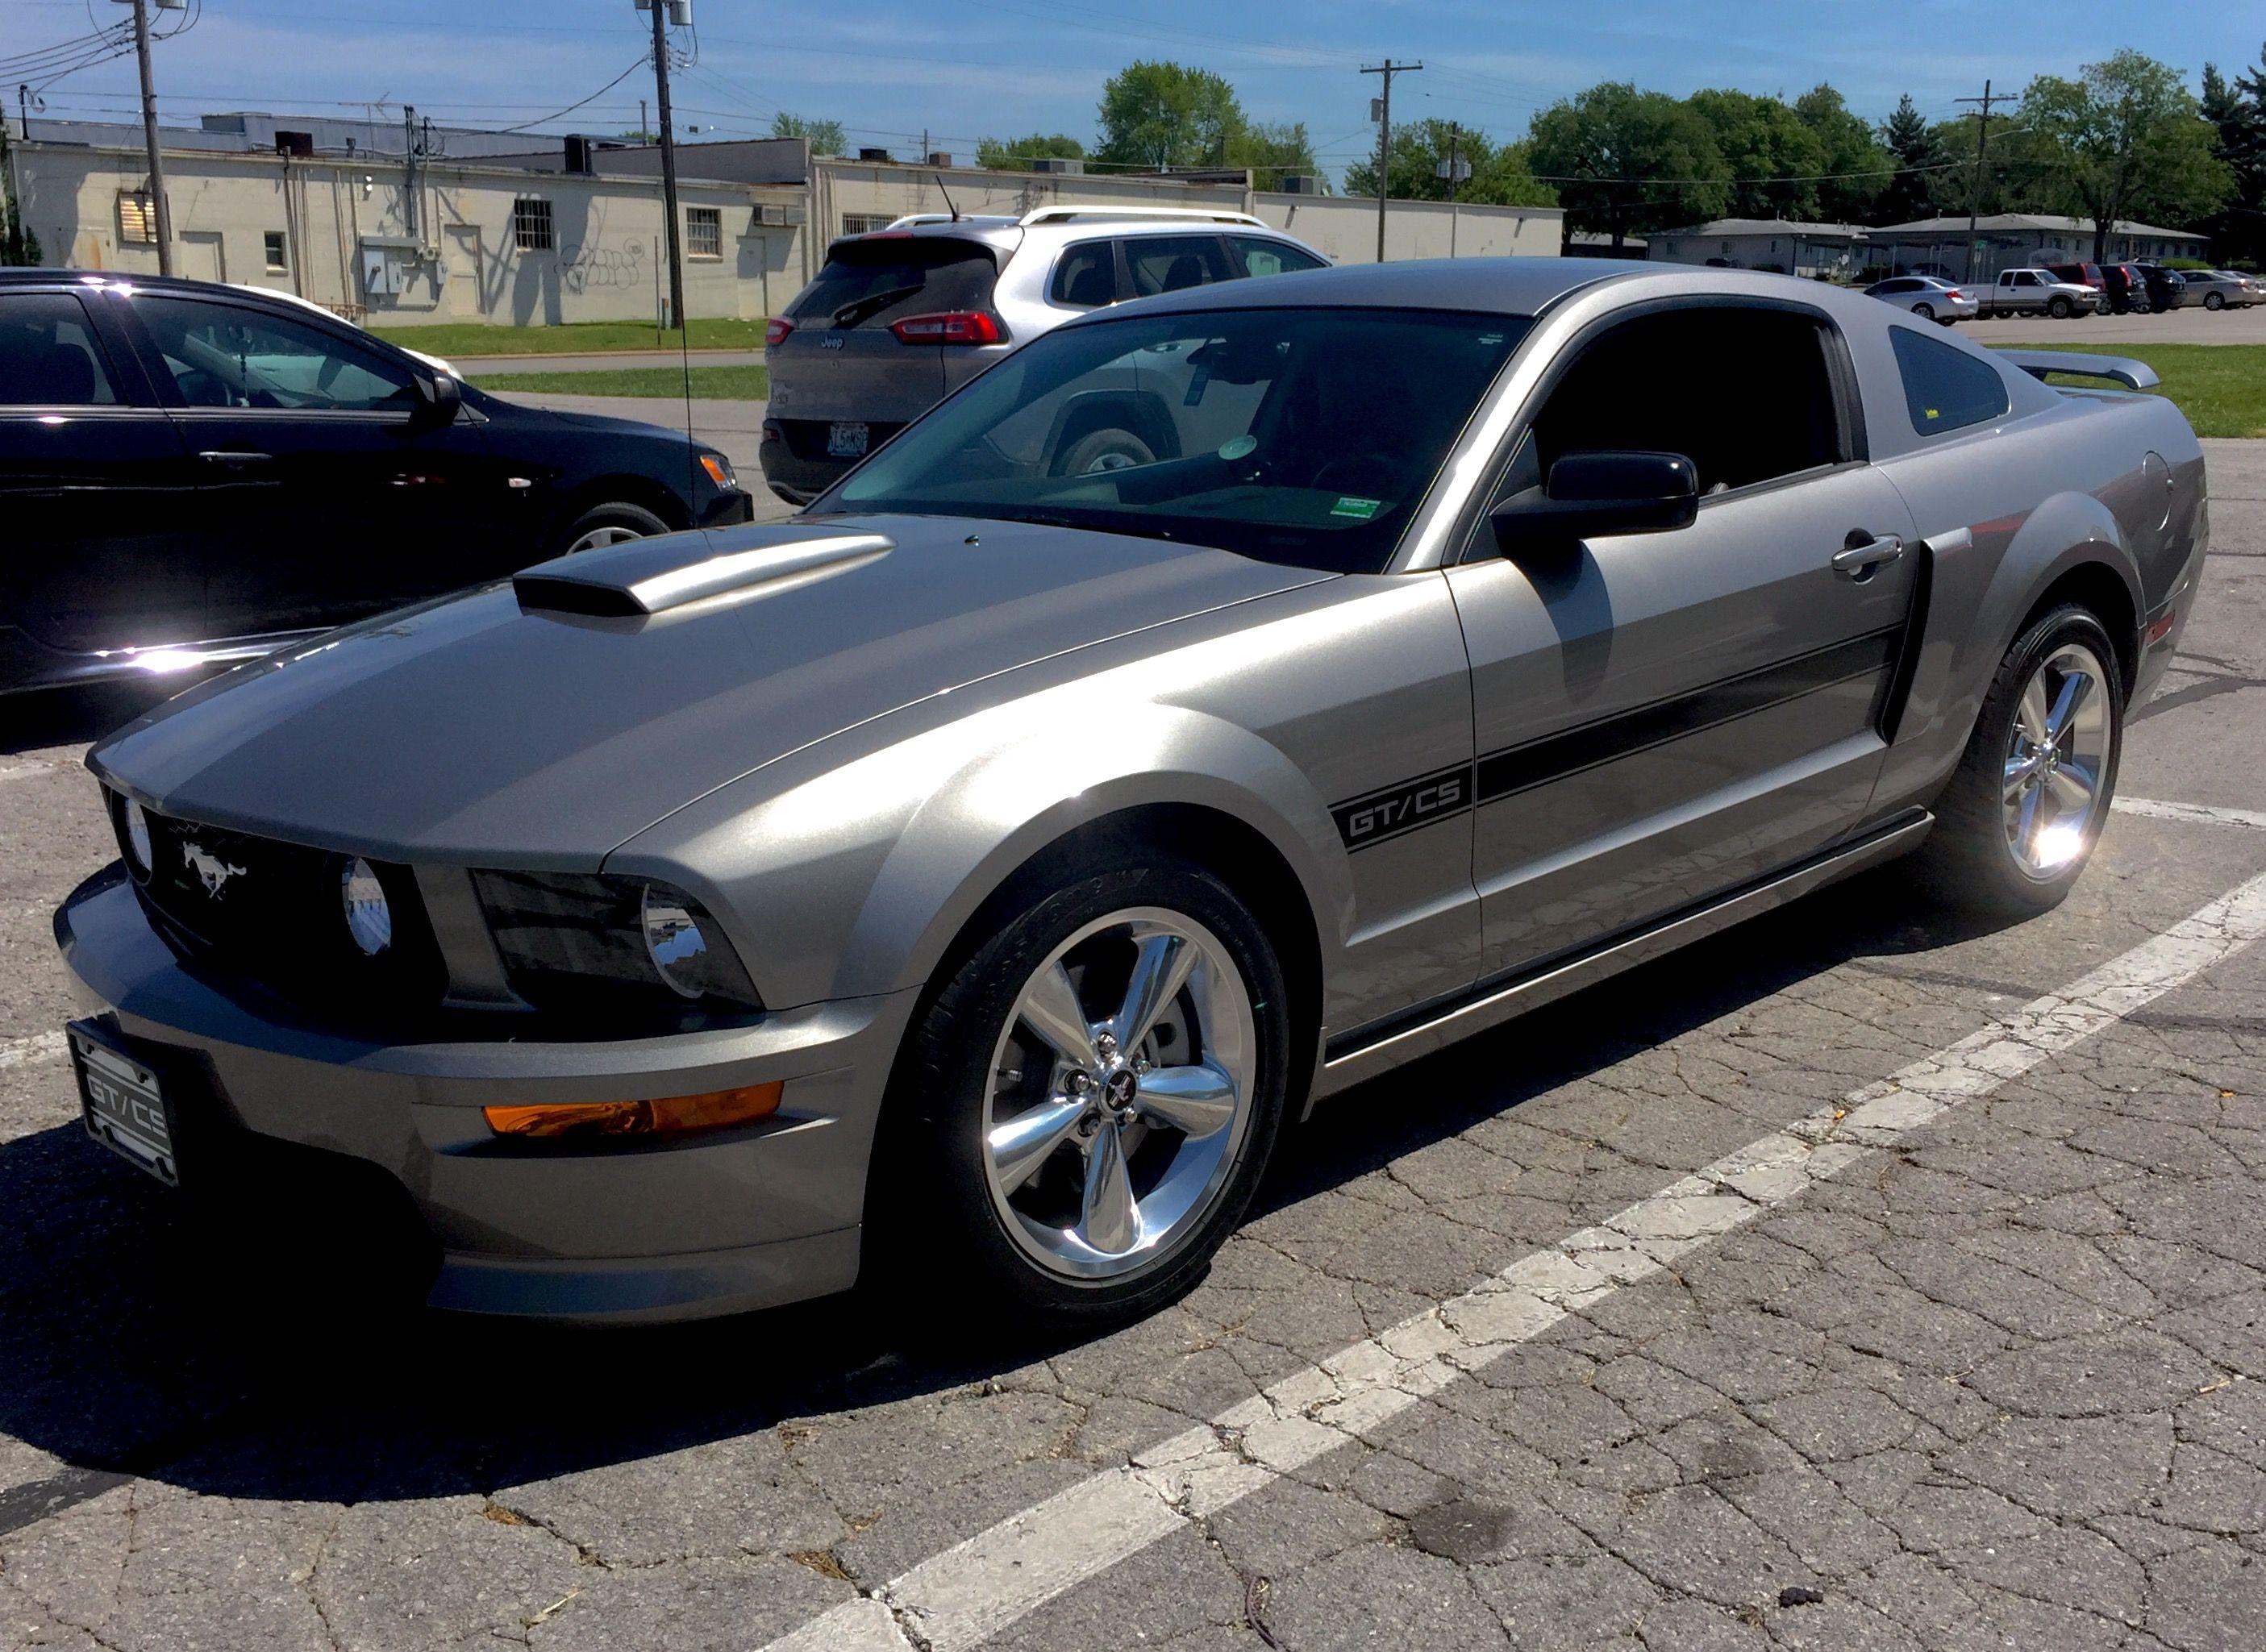 2009 Ford Mustang Gt Cs California Special Vapor Metallic 2009 Ford Mustang Ford Mustang Mustang